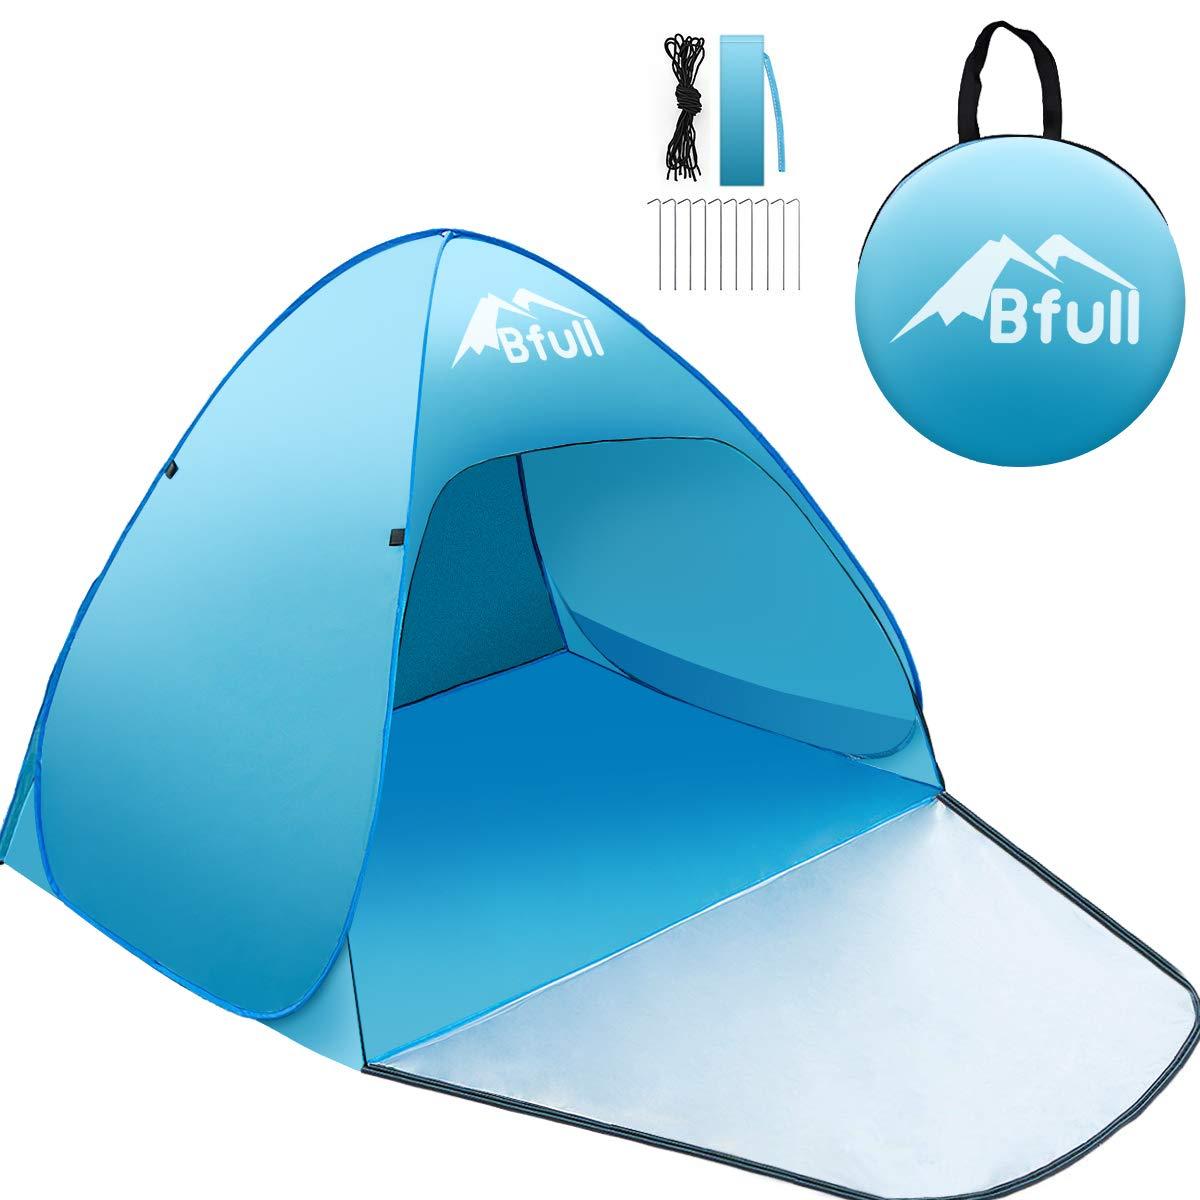 Bfull Tienda de Campaña, Pop Up Tienda Para Playa Y Refugio de Sol Para 1 o 2 Personas